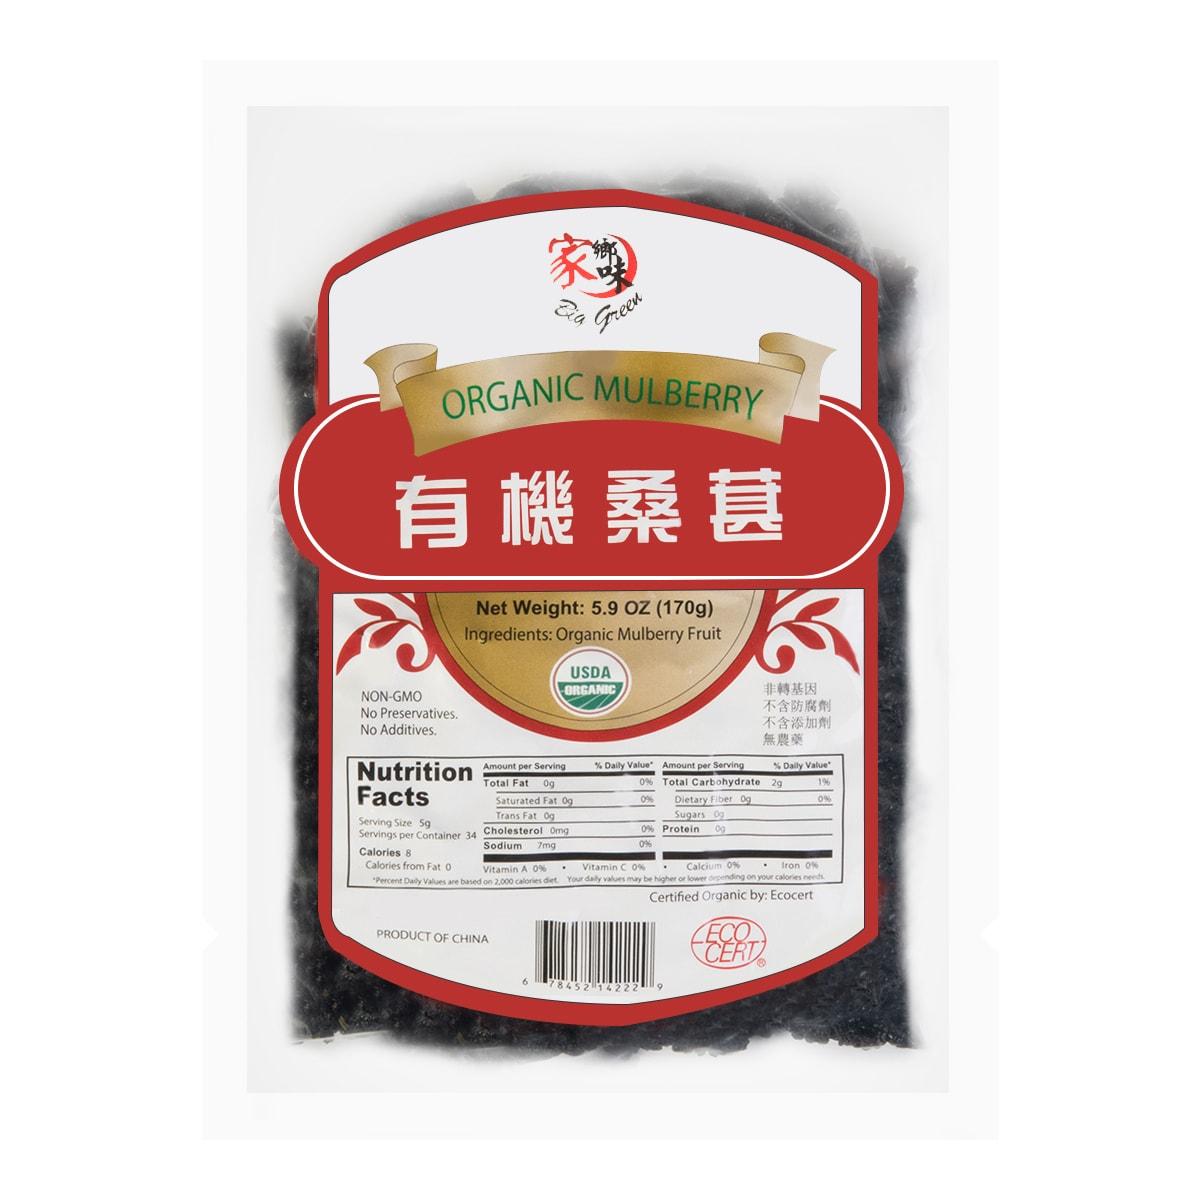 家乡味 有机桑葚 170g USDA认证